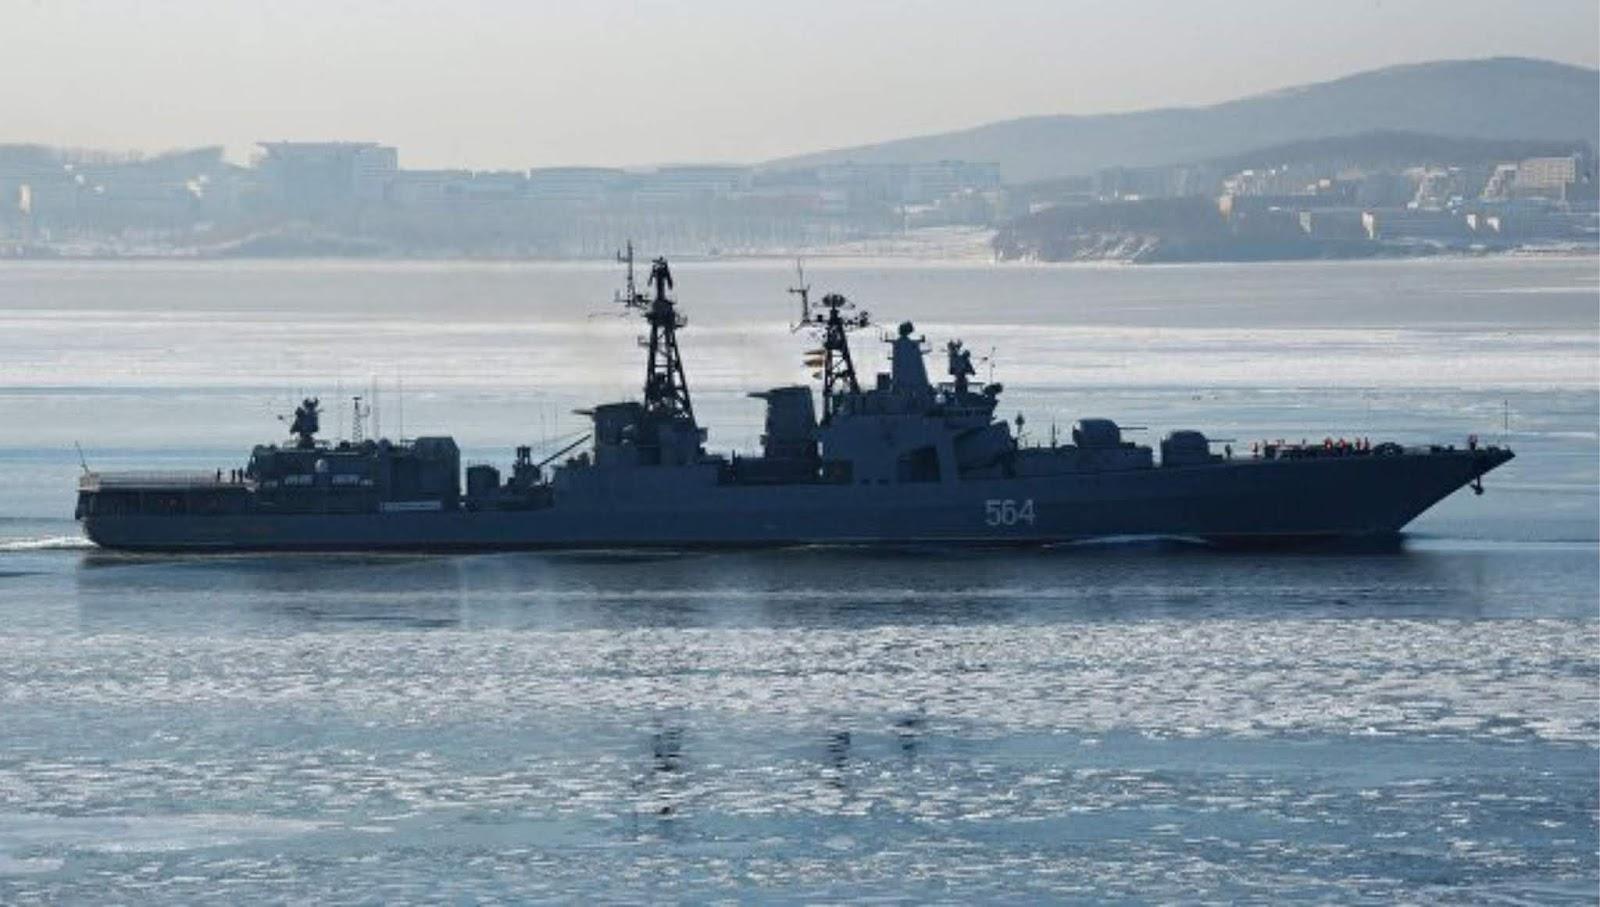 Ada kompoi kapal Angkatan Laut Rusia AL Inggris melakukan operasi di Selat Inggris